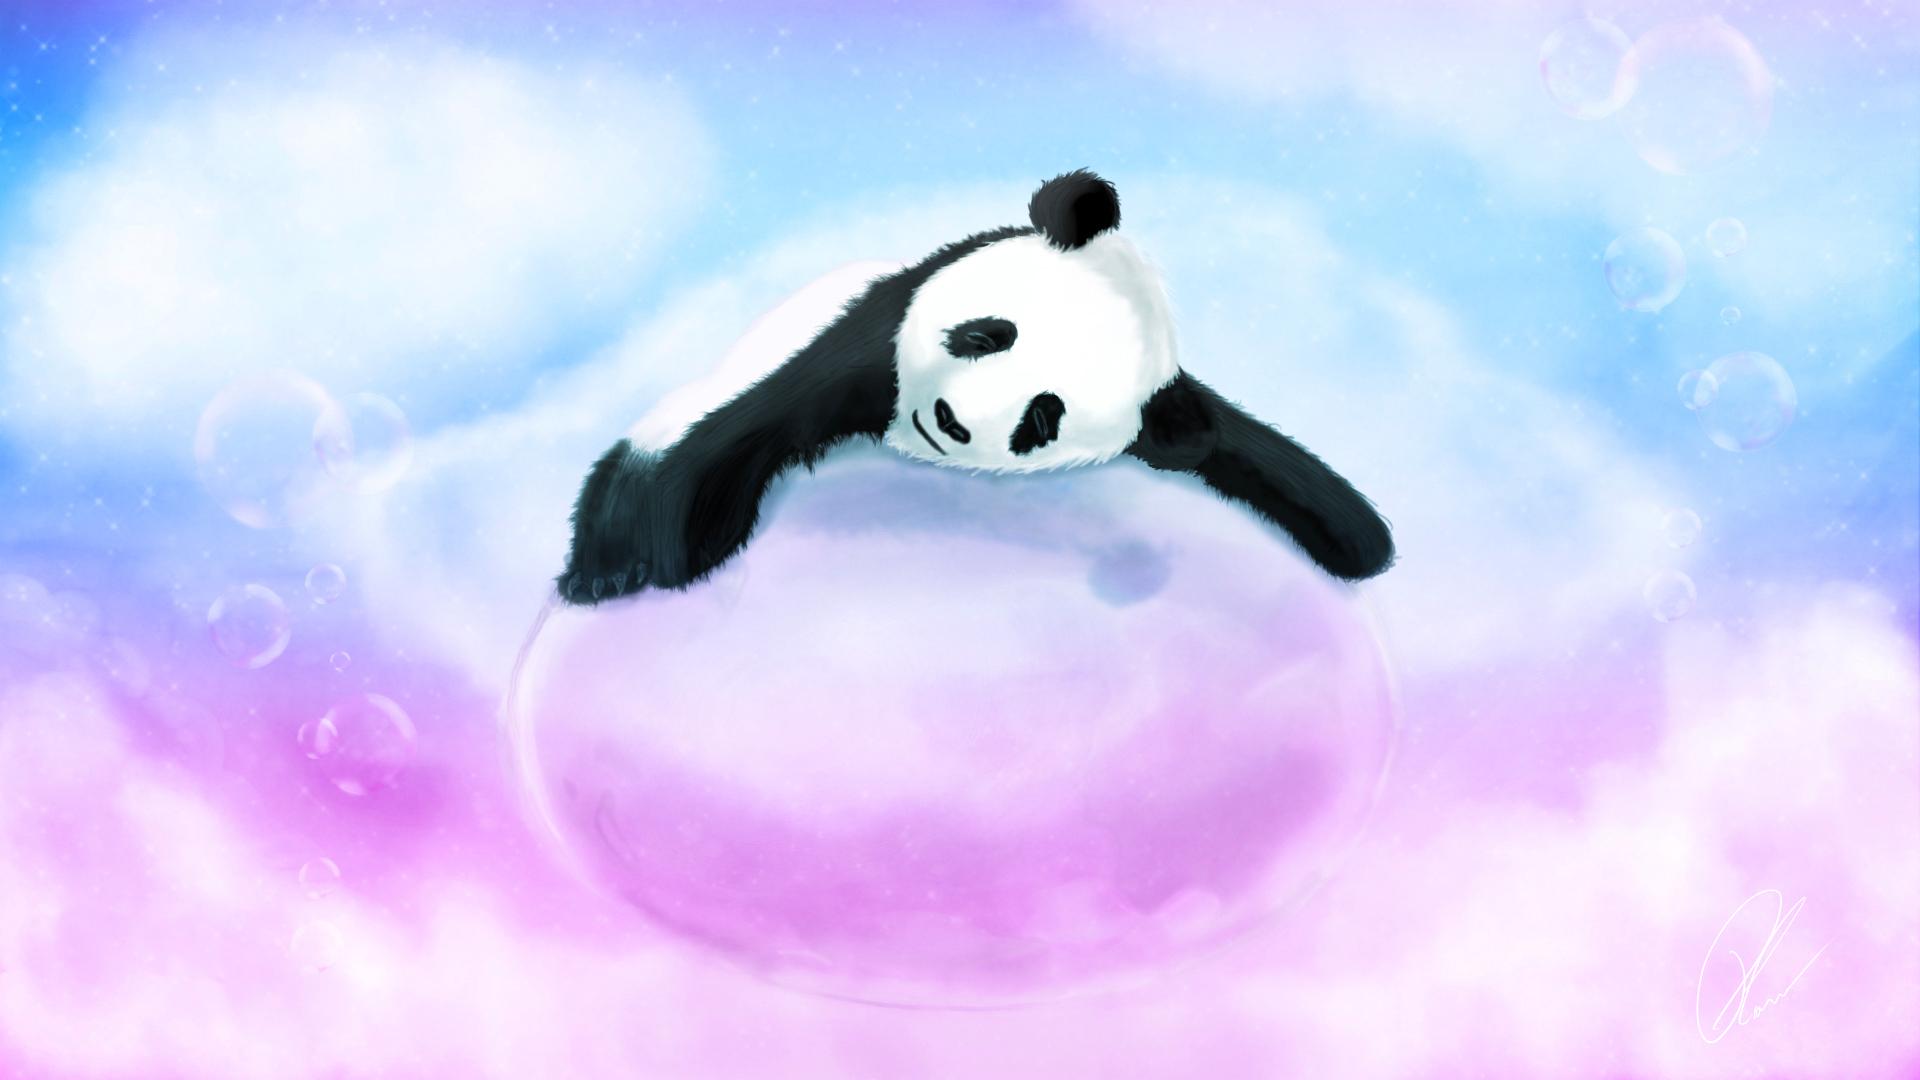 игры 3 панды в китае играть онлайн